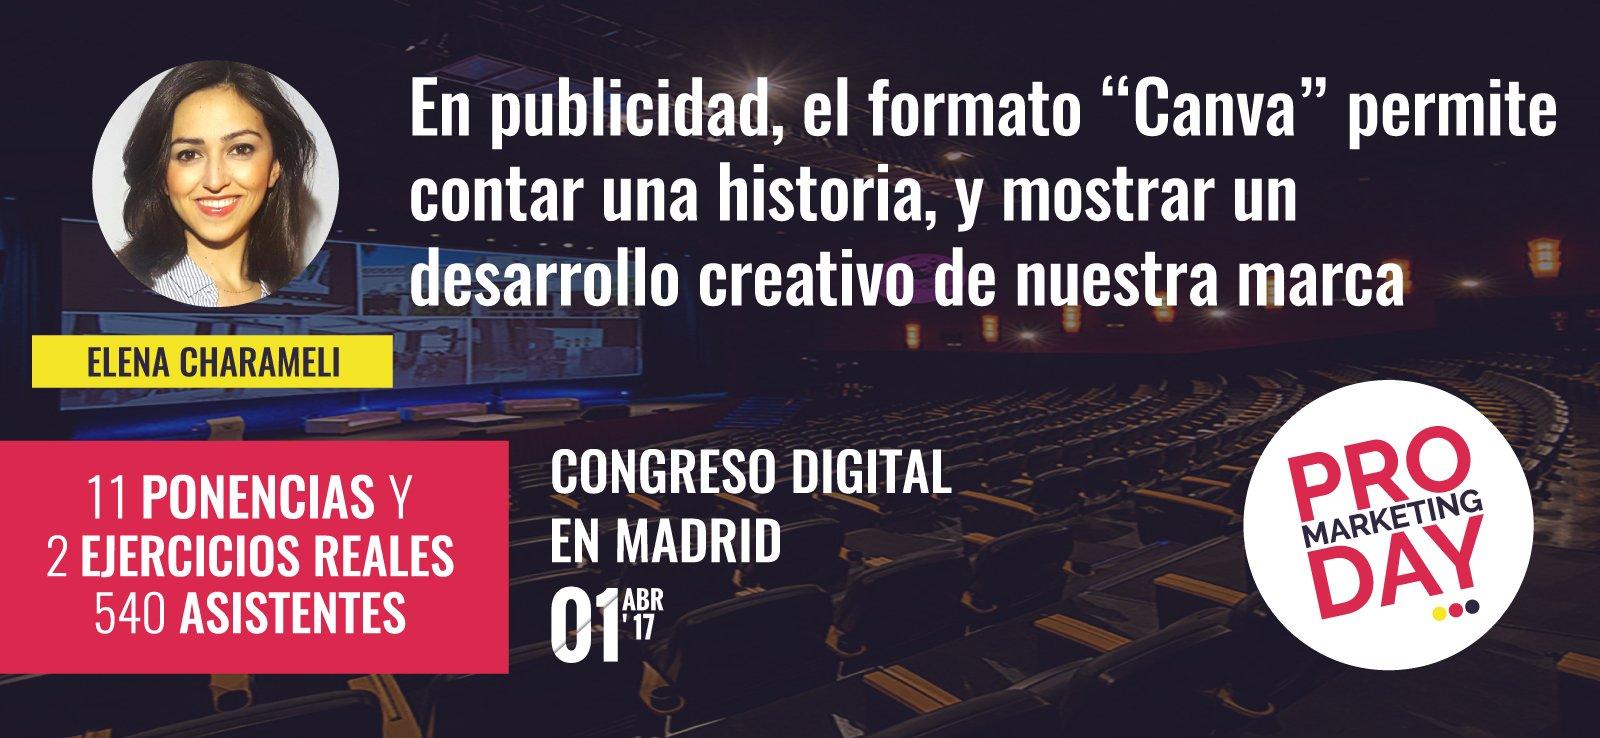 """En publicidad, el formato """"Canva"""" permite contar una historia, y mostrar un desarrollo creativo de la marca #ProMarketingDay #echarameli https://t.co/zEPSB0KbHM"""